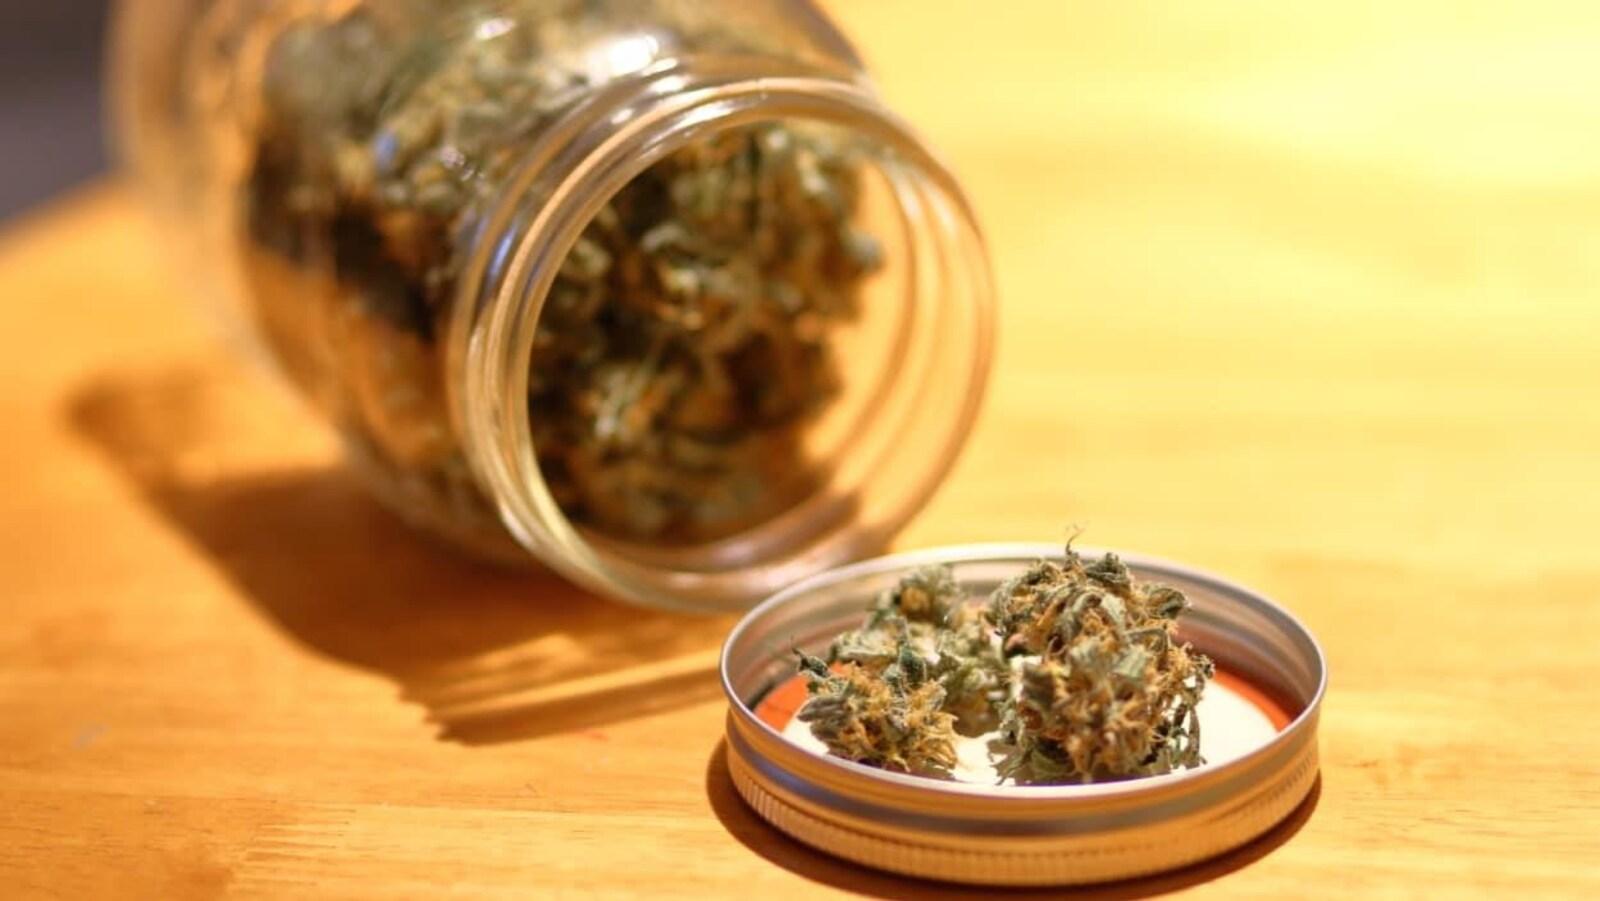 Un pot rempli de marijuana.